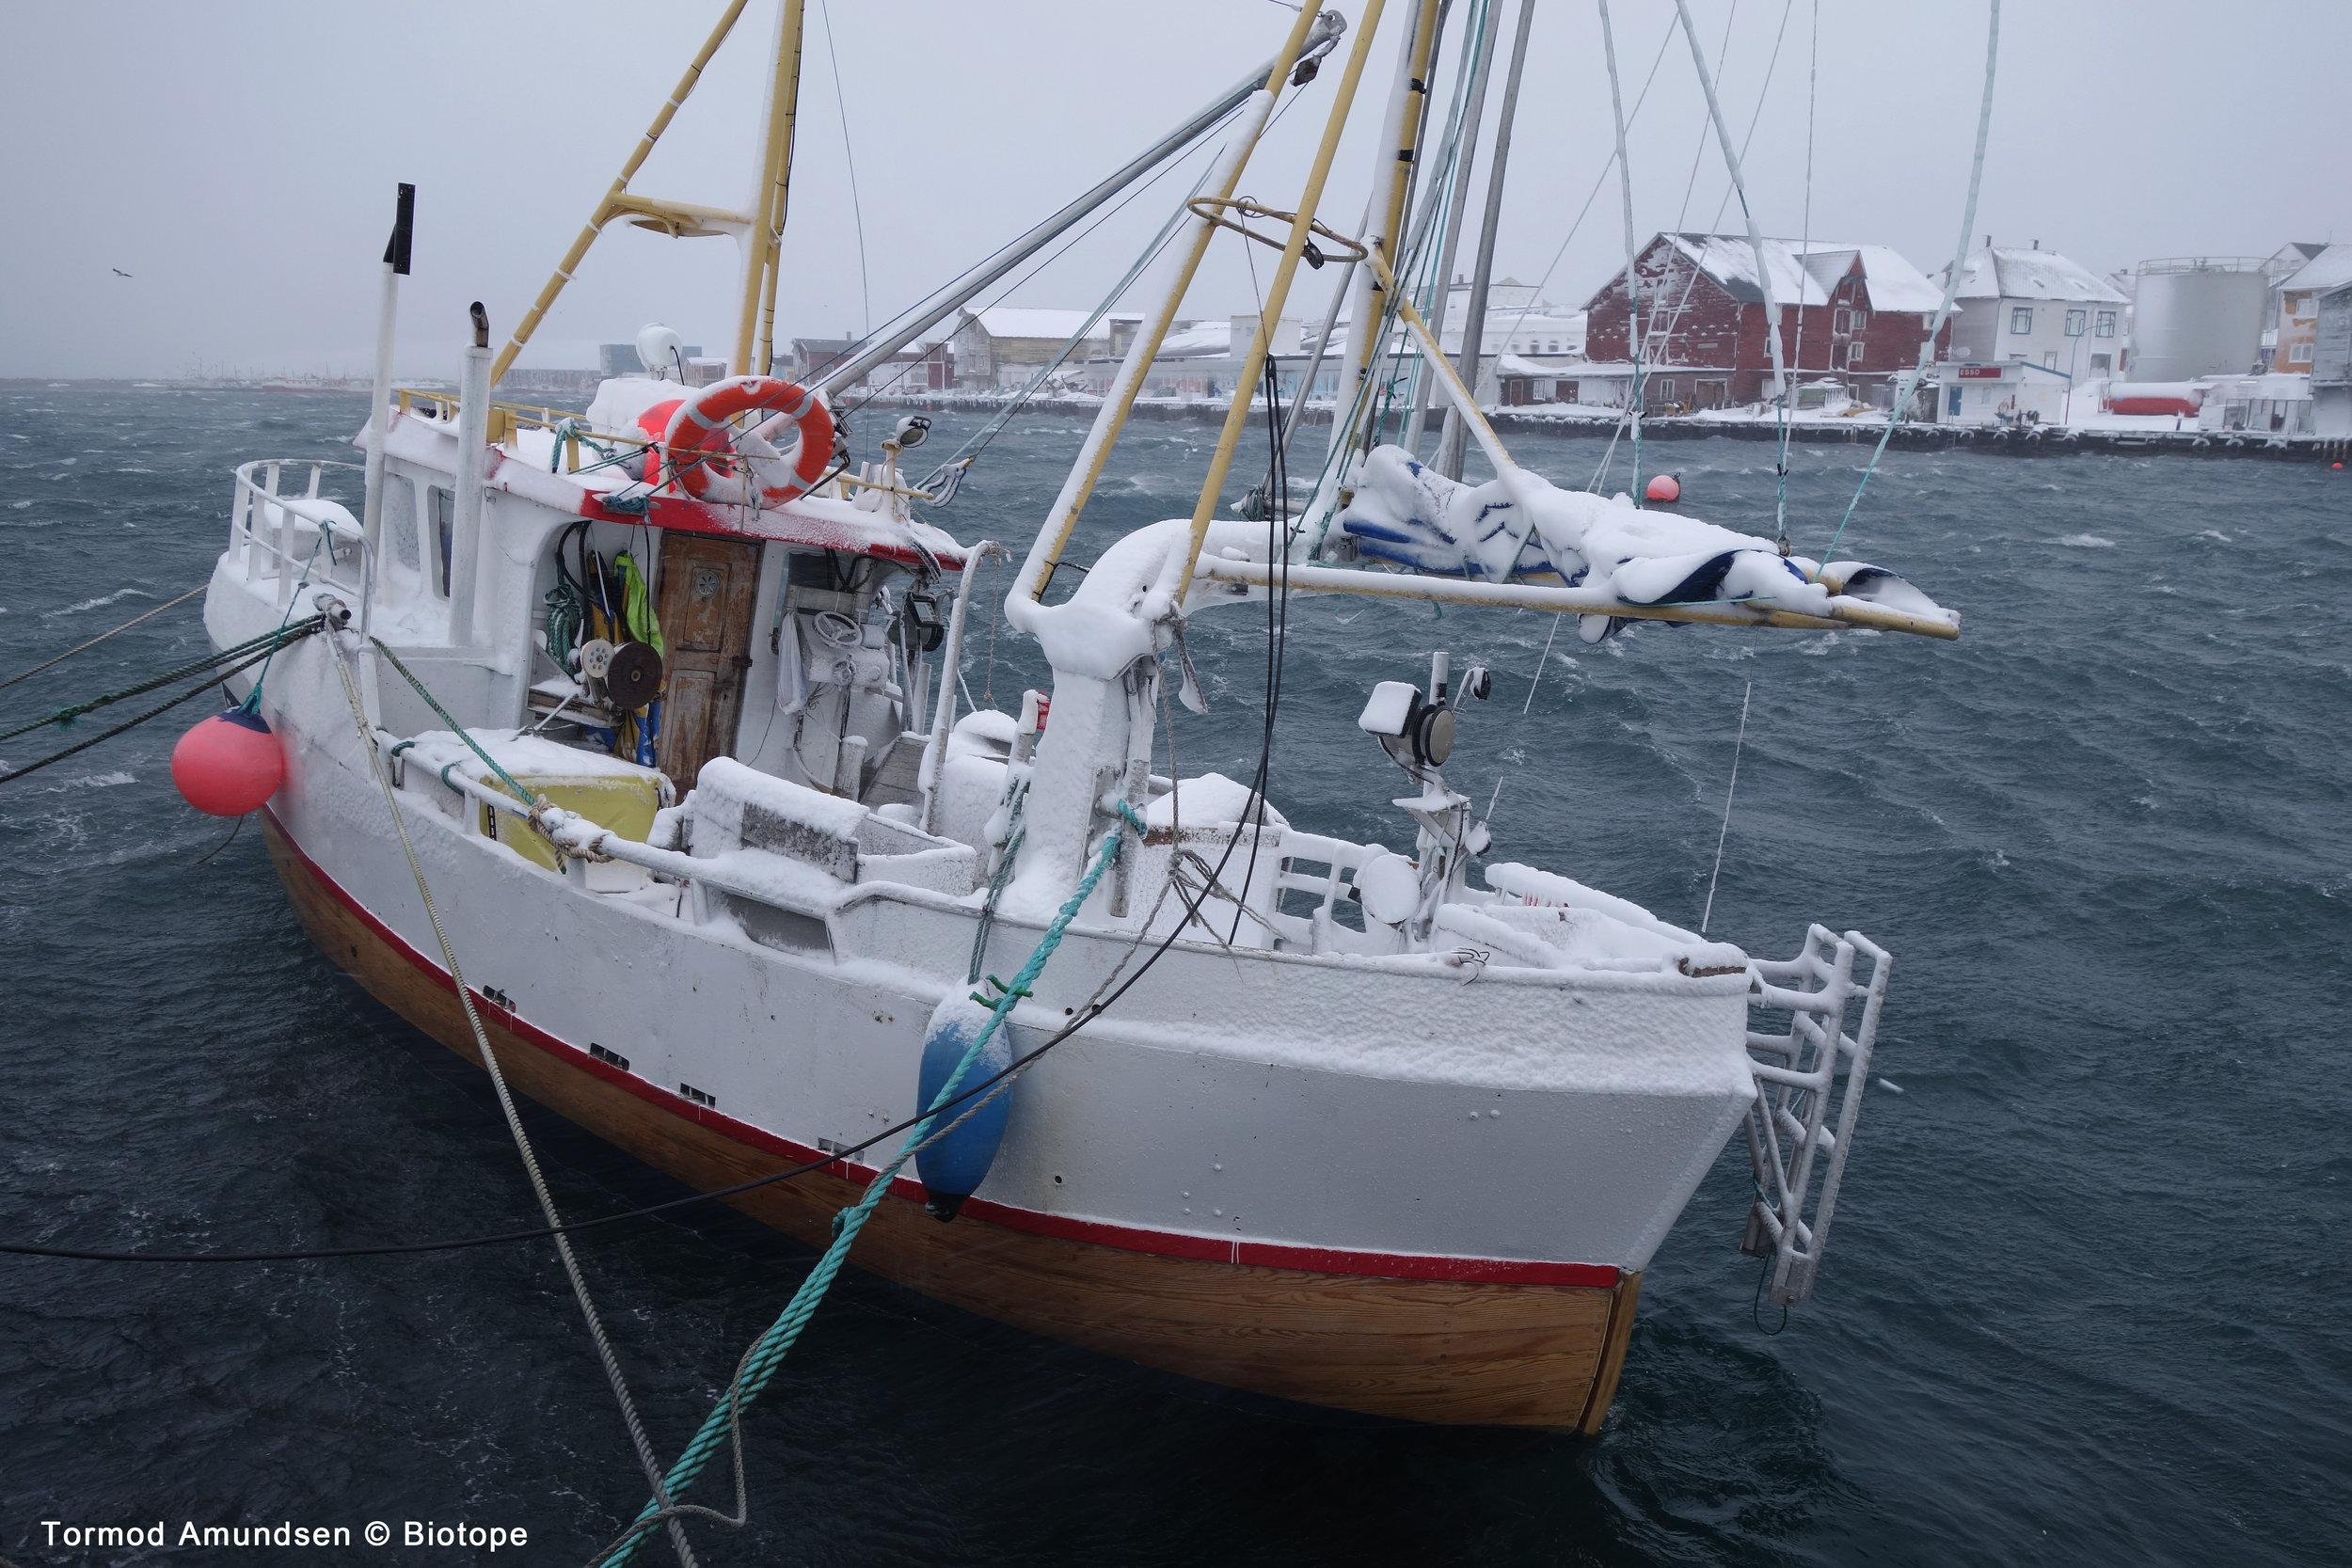 Vardø er først og fremst en fiskerikommune. Fiskeri er en hovednæring i Vardø og selv om kystflåten i Vardø er liten i forhold til tidligere tider er fortsatt fiskebåtene som går ut og inn av Vardø havn et karaktertrekk ved byen.